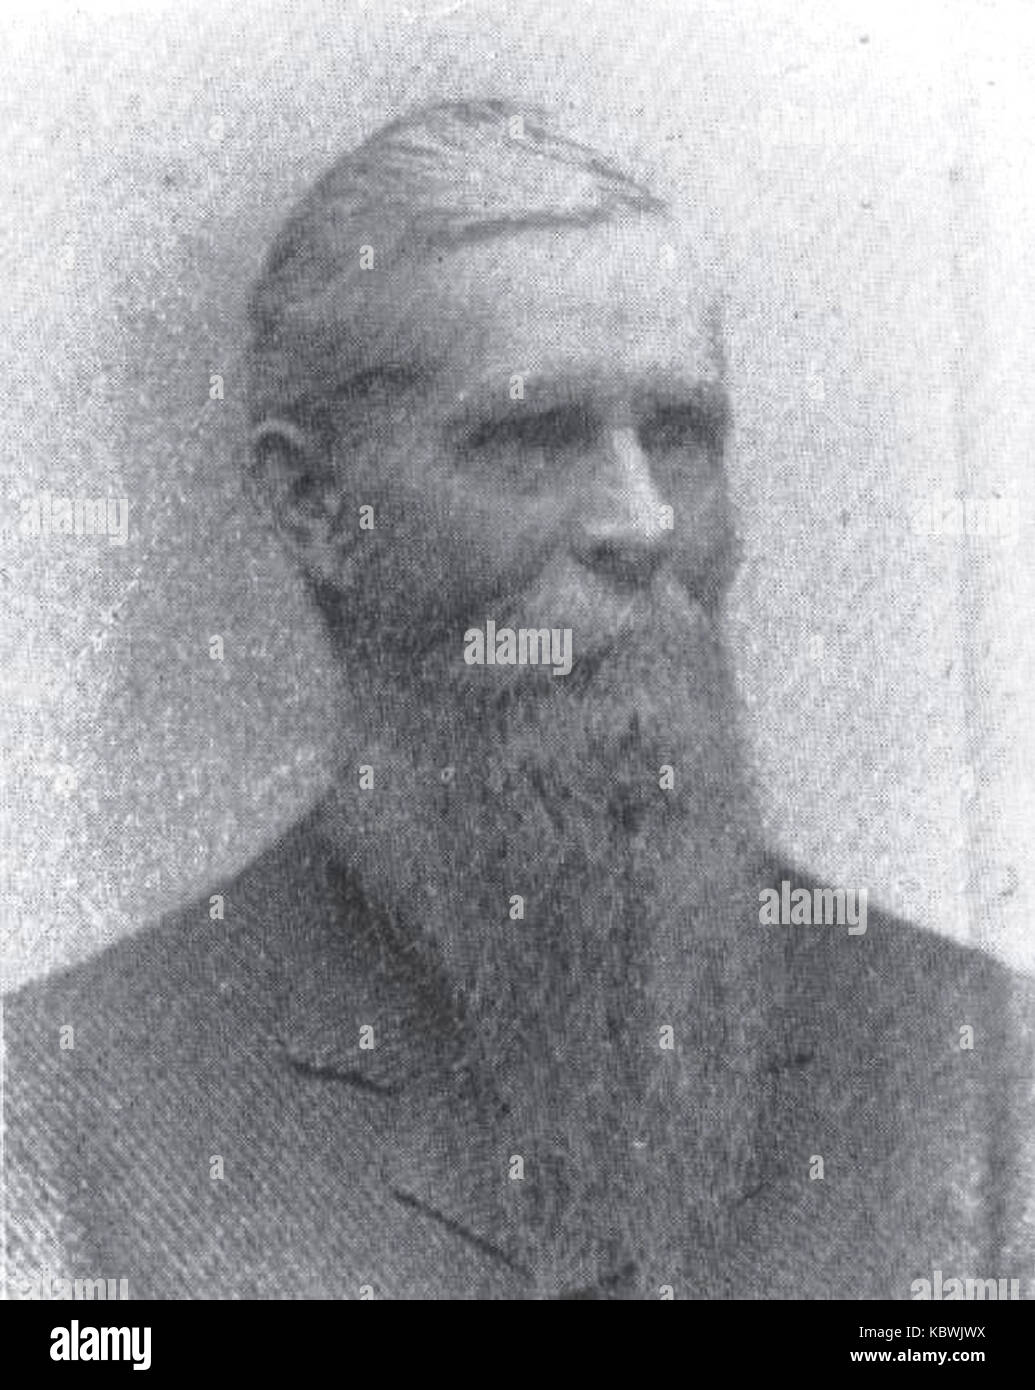 Robert T. Burton Foto & Imagen De Stock: 162218166 - Alamy